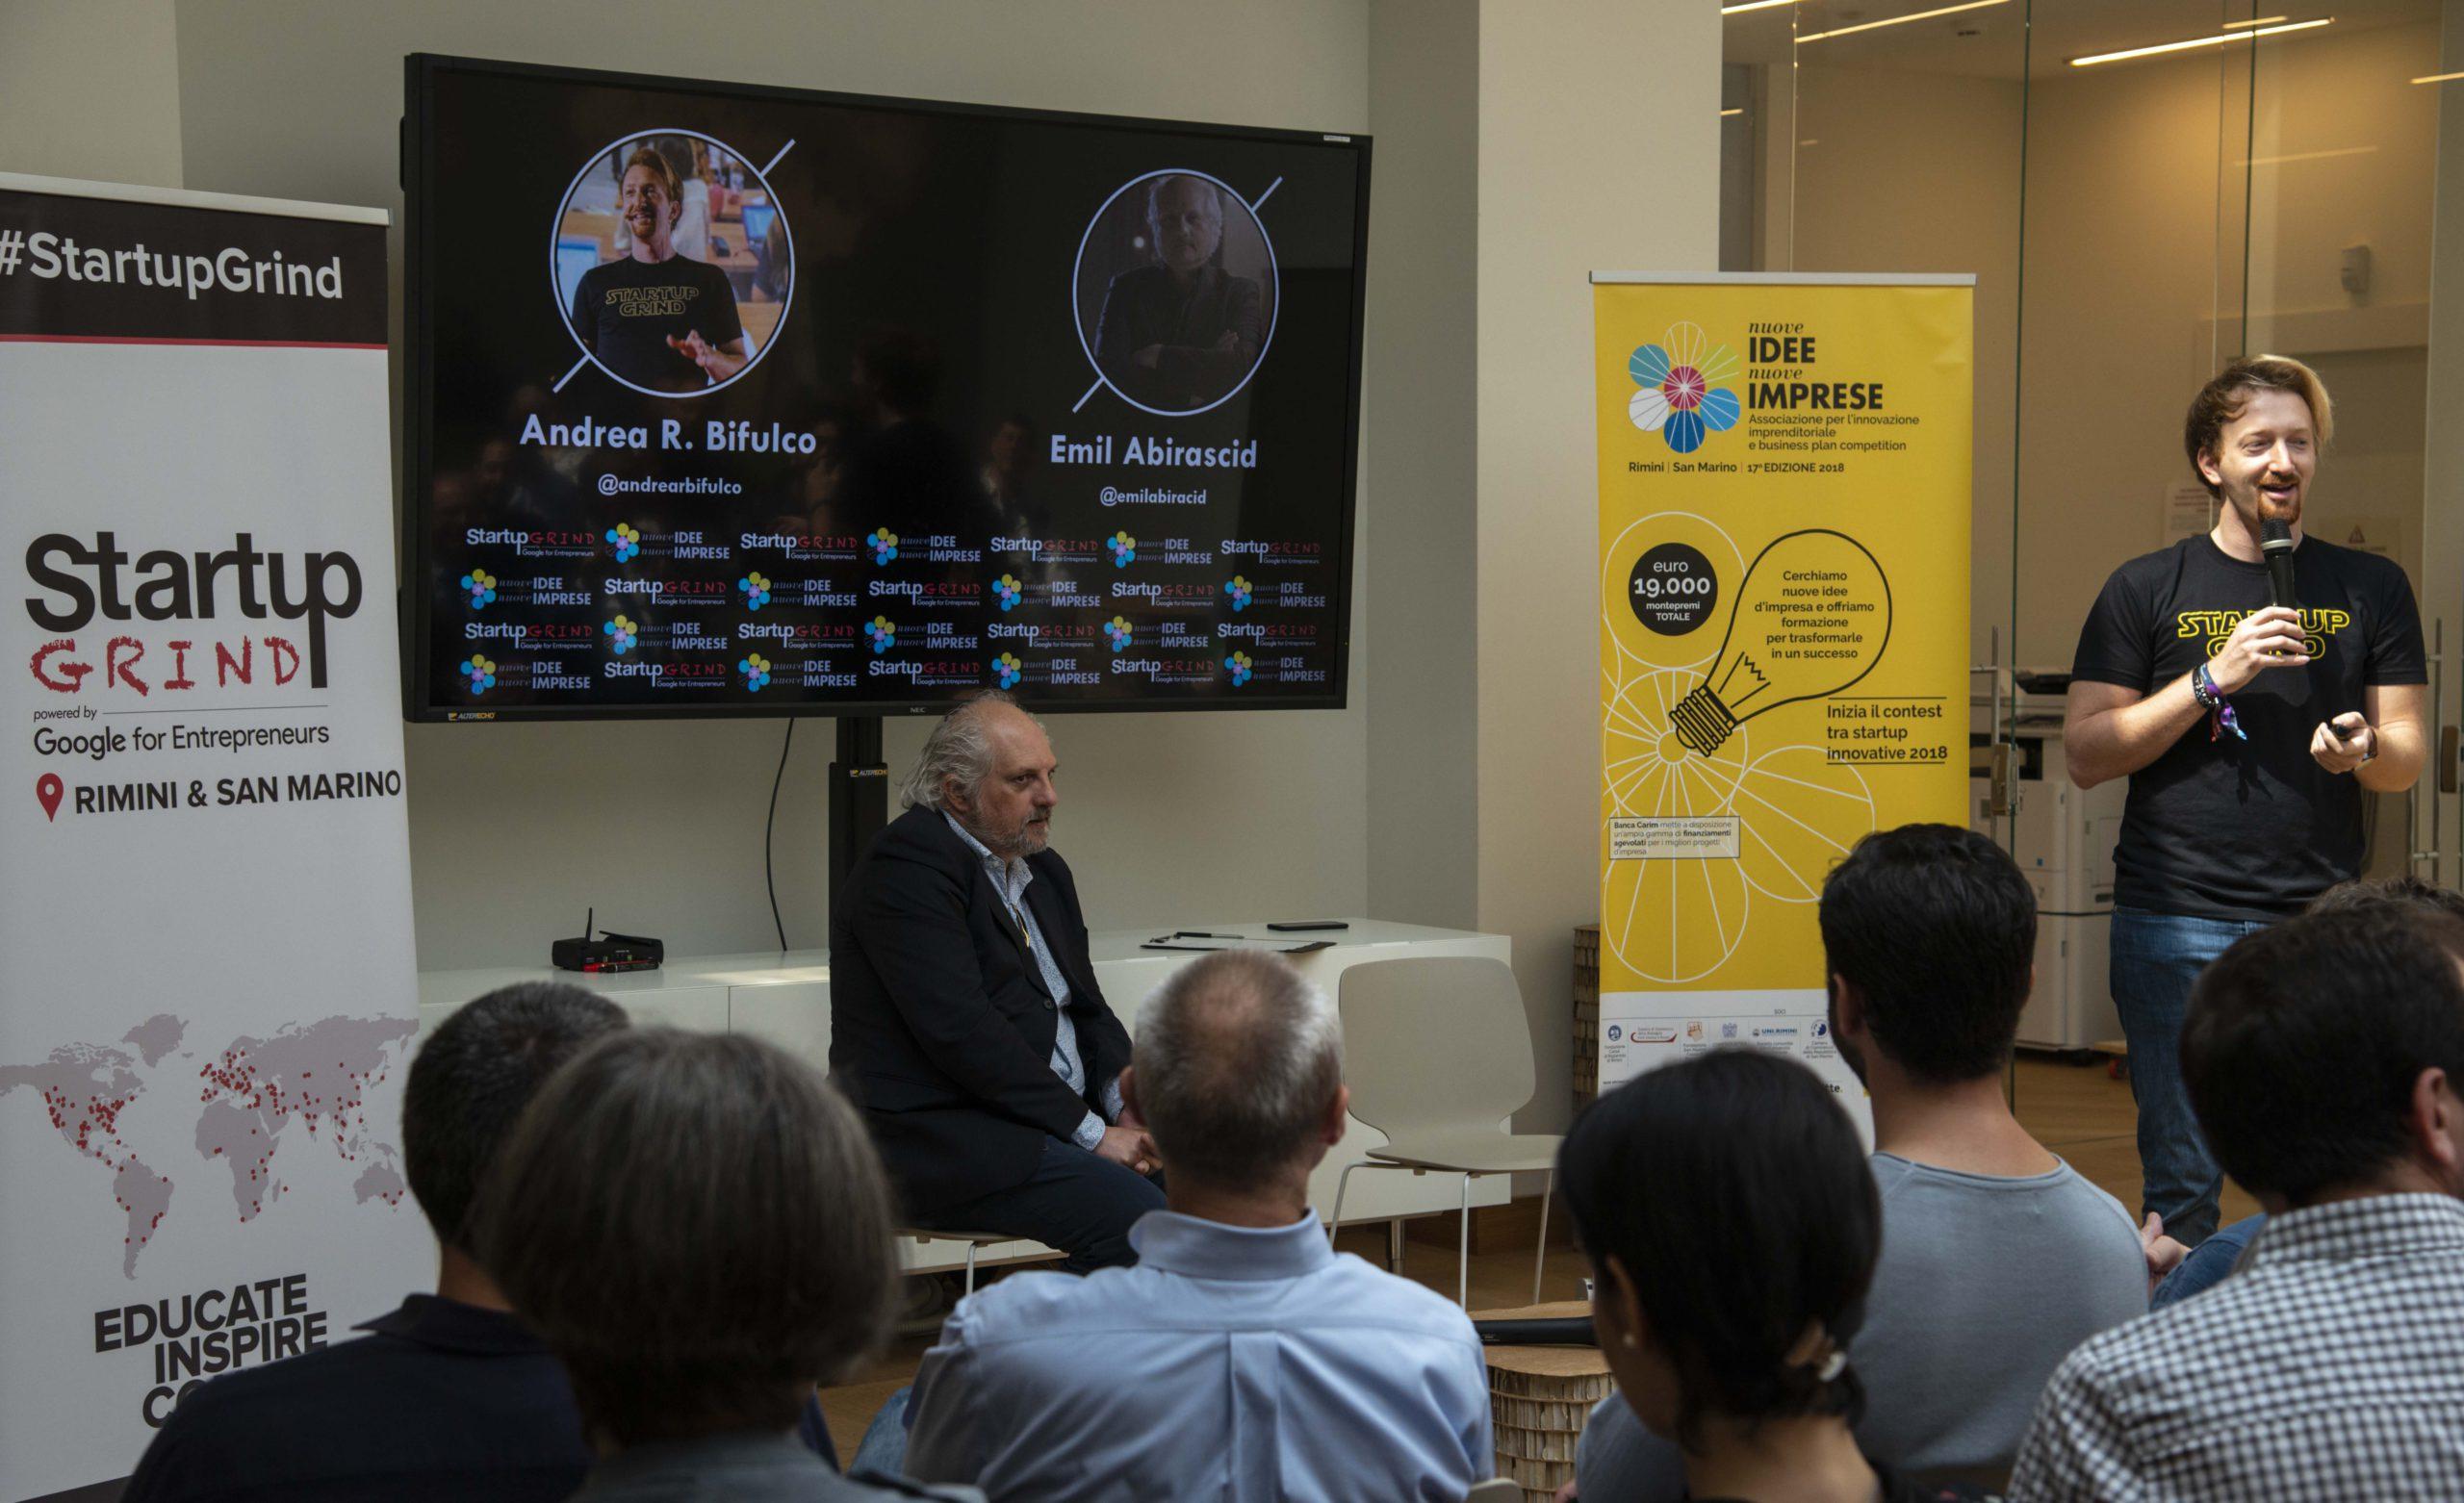 Blockchain, intelligenza artificiale, design e digital: entra nel vivo il programma d'autunno di Startup Grind Rimini & San Marino